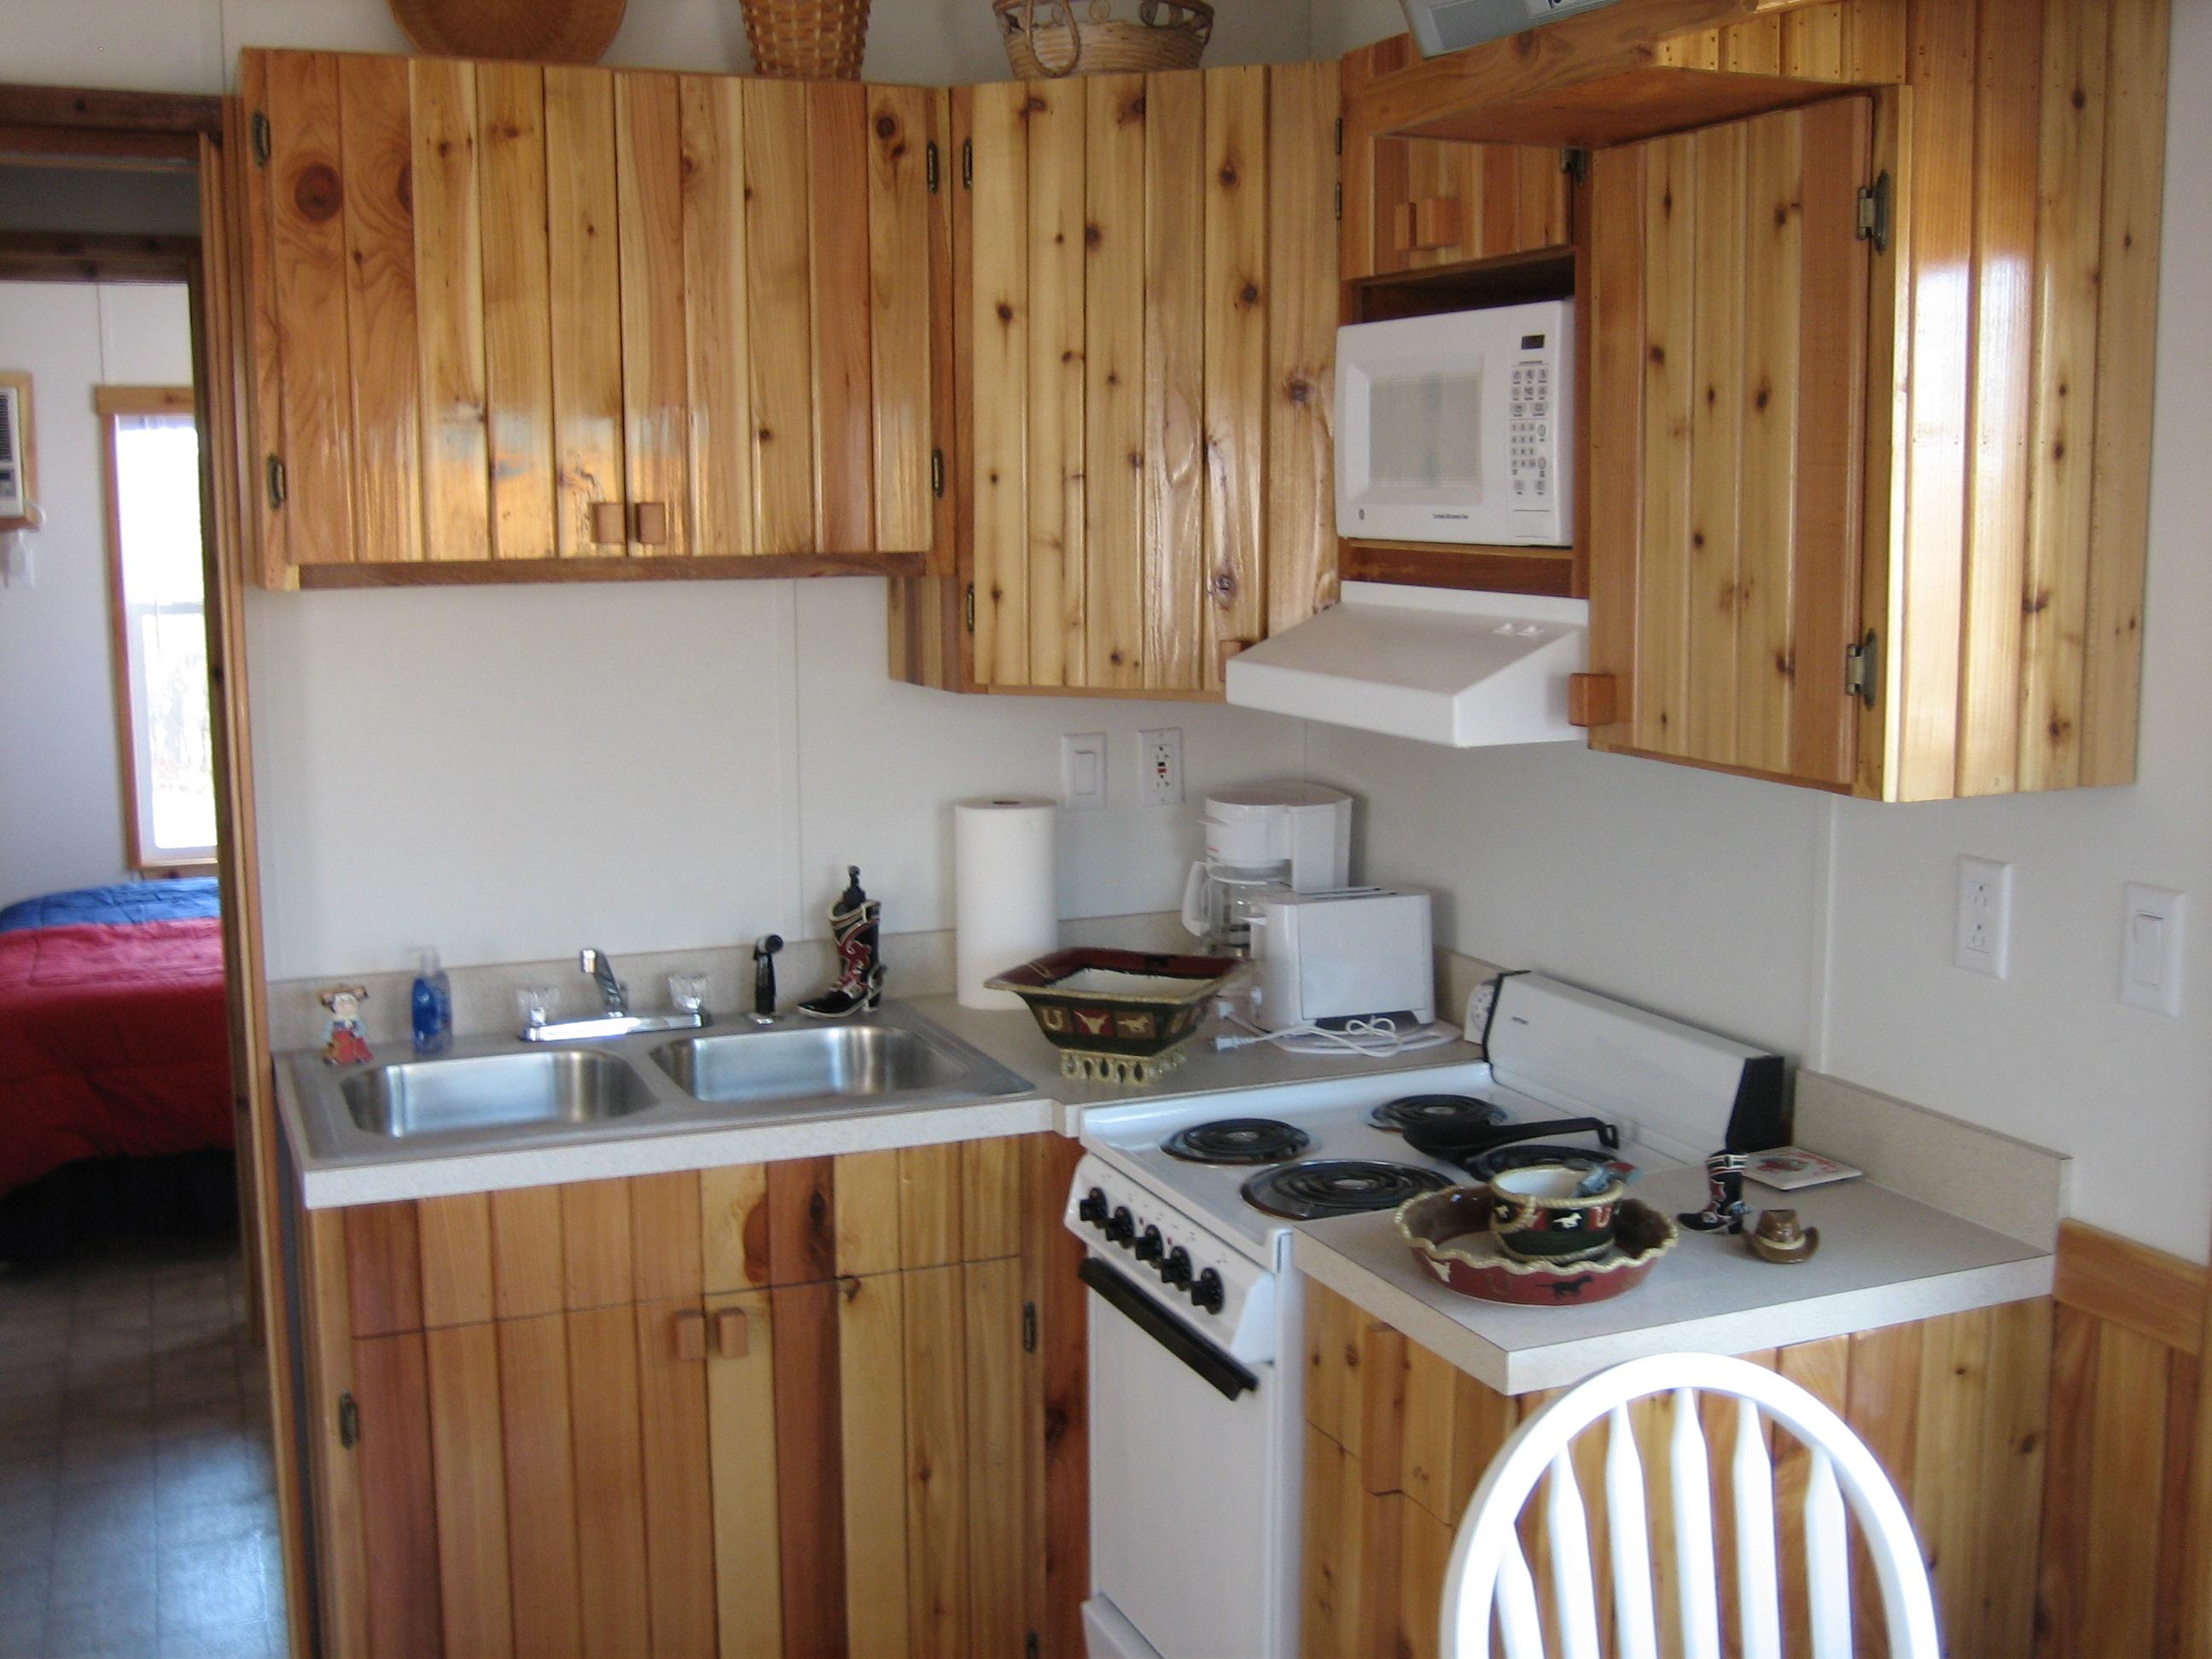 Lonestar Kitchen